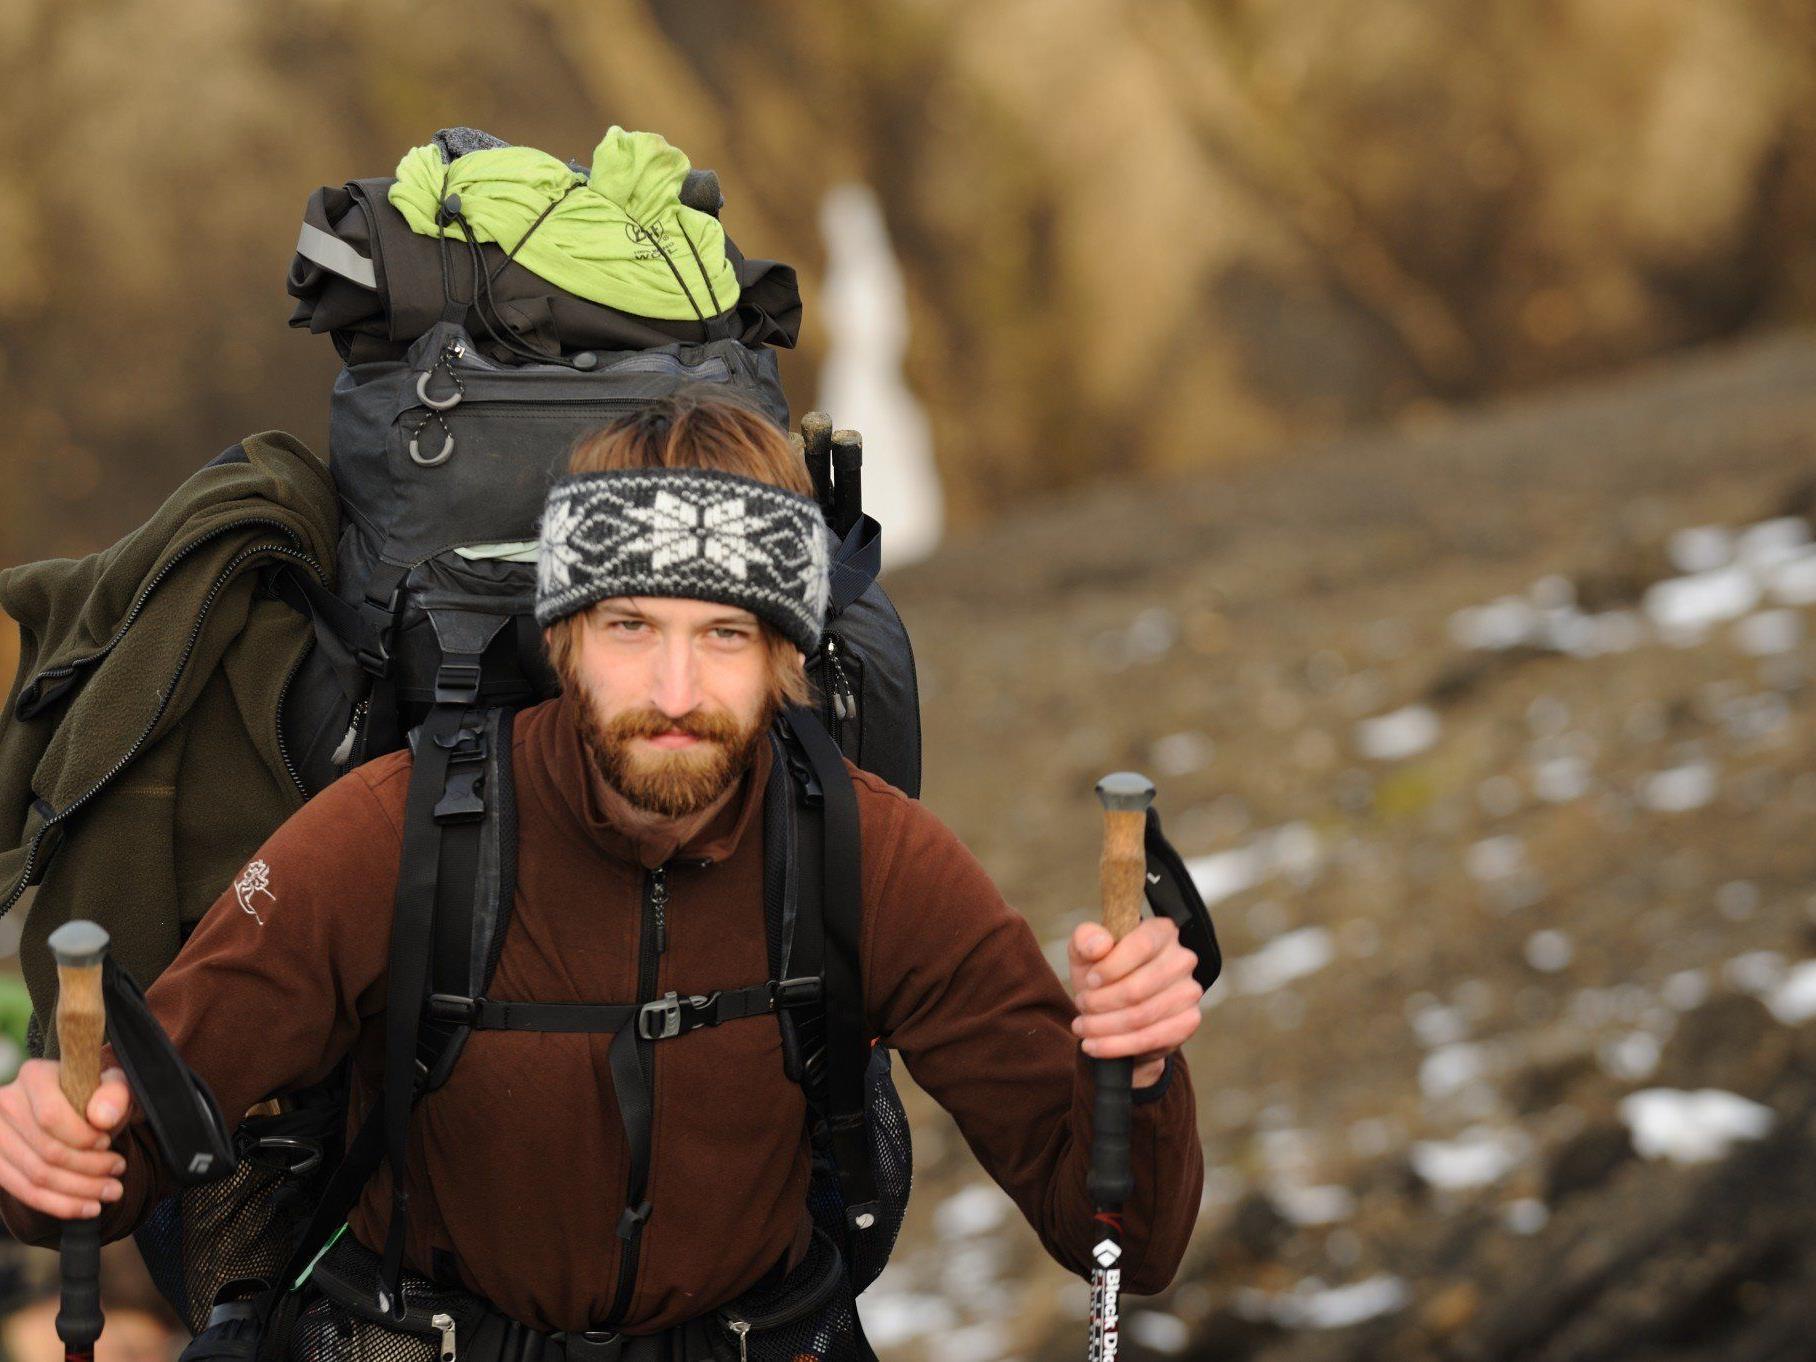 Johannes Lampert lädt zur Reise Ziellos